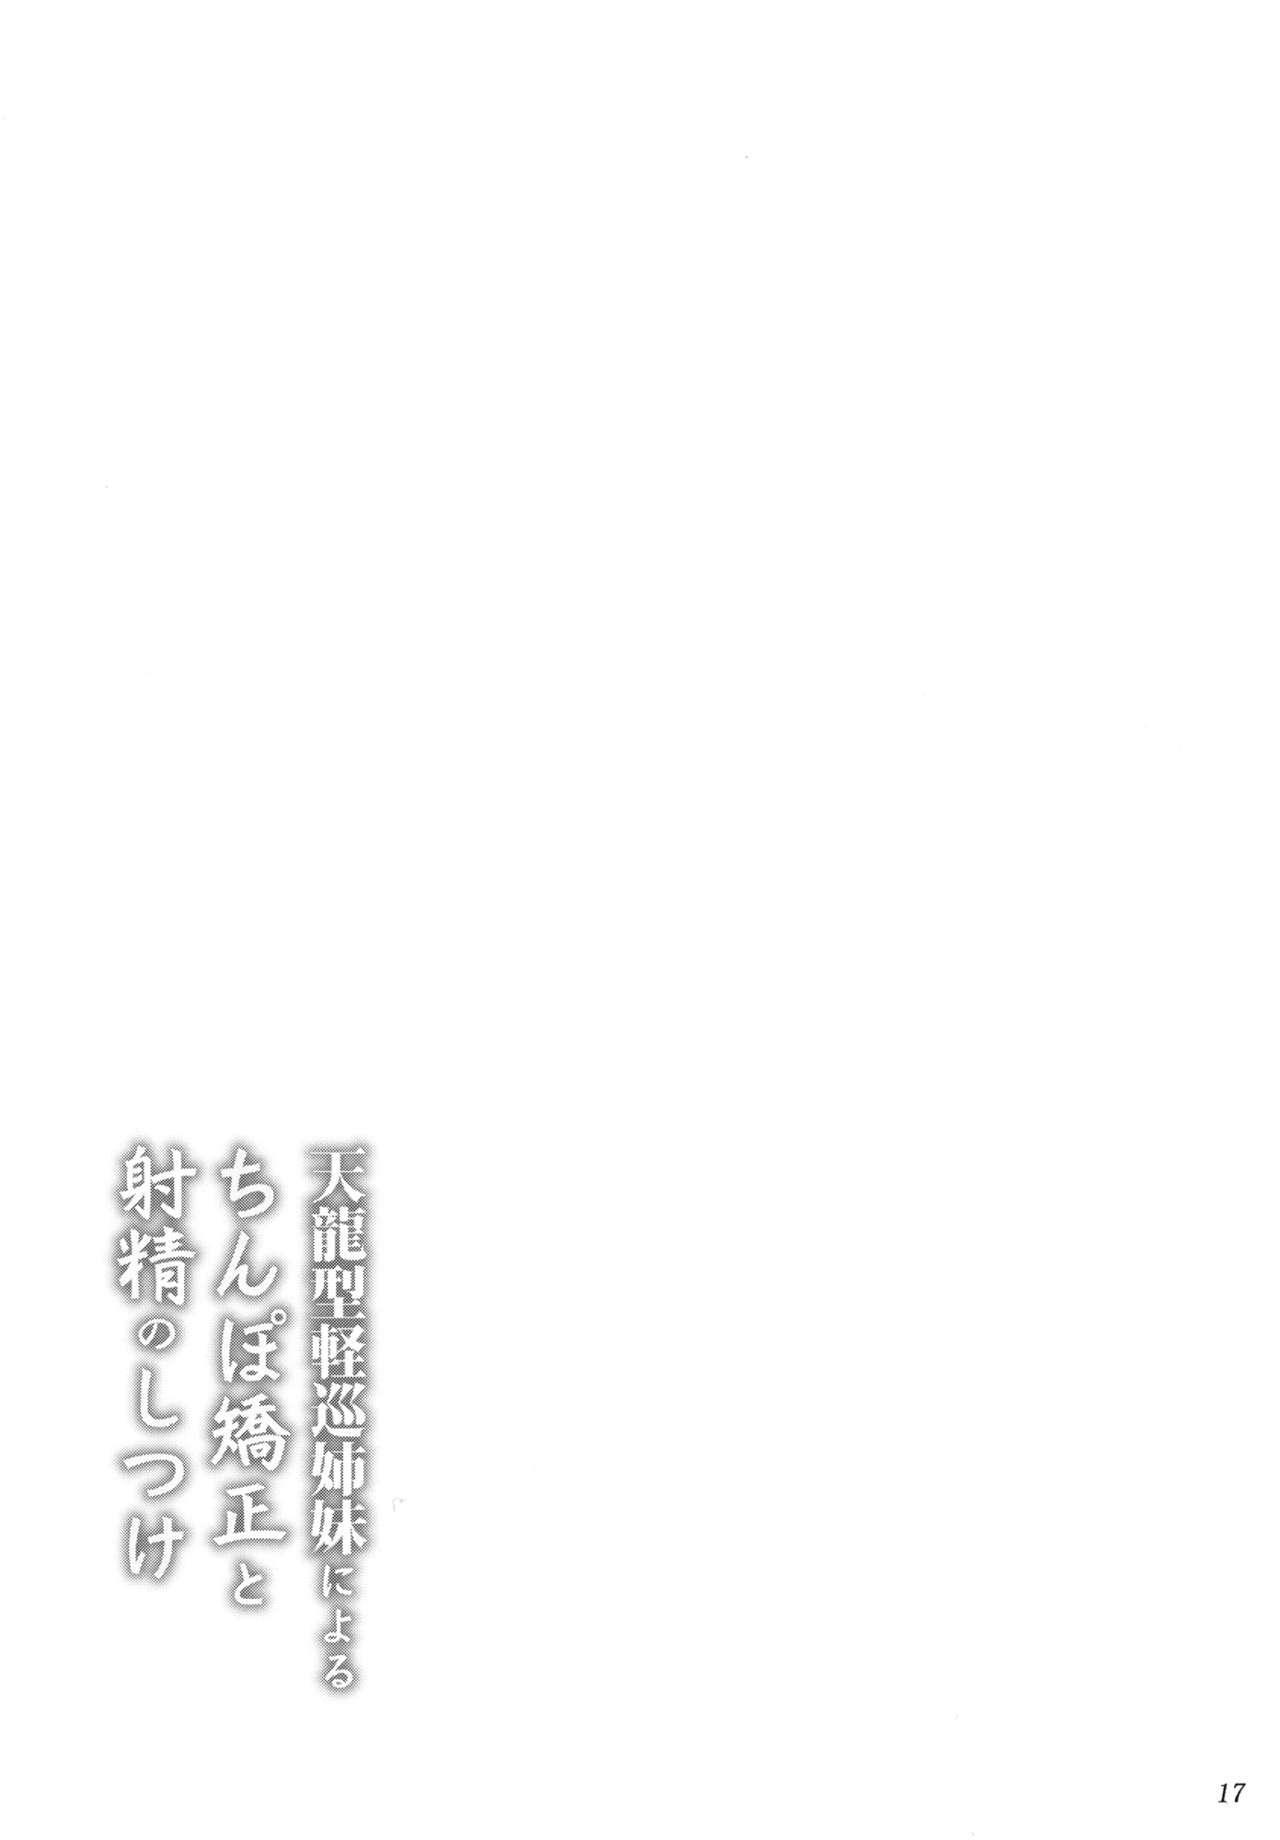 Tenryuugata Keijun Shimai ni Yoru Chinpo Kyousei to Shasei no Shitsuke 16